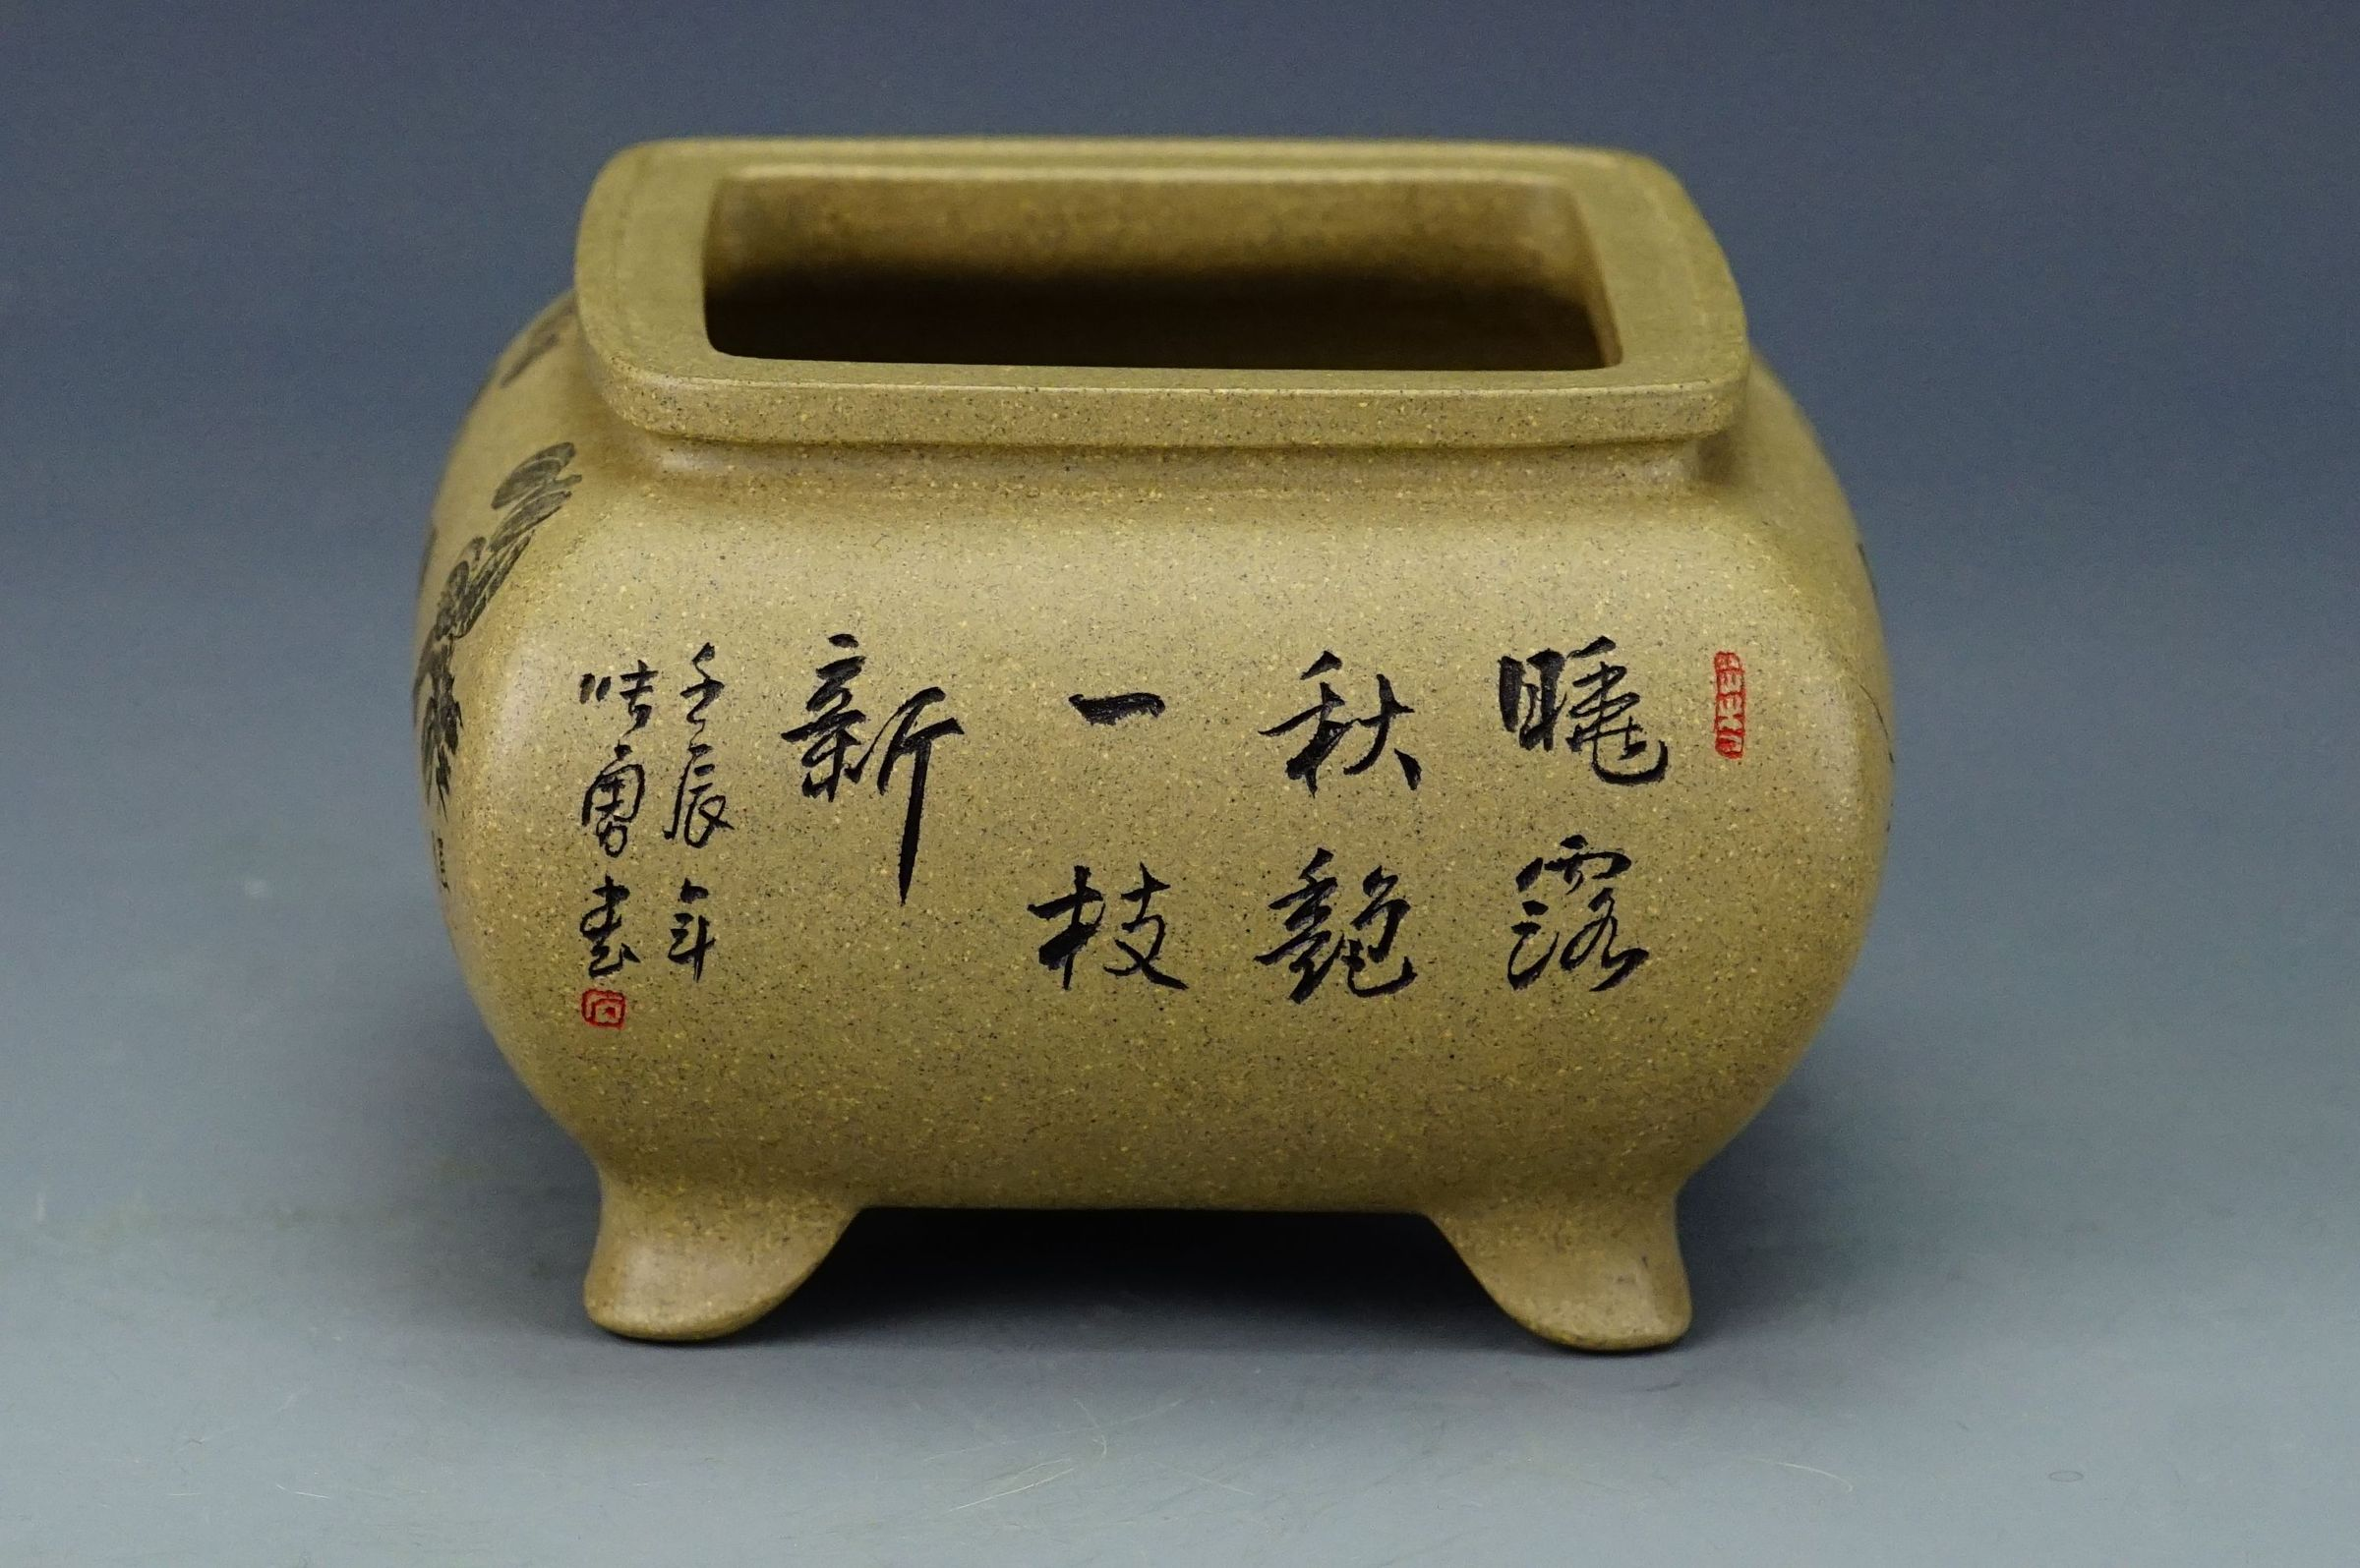 张勇(宜人),国家助理工艺美术师,中国工艺美术学会会员,  1986年出生图片